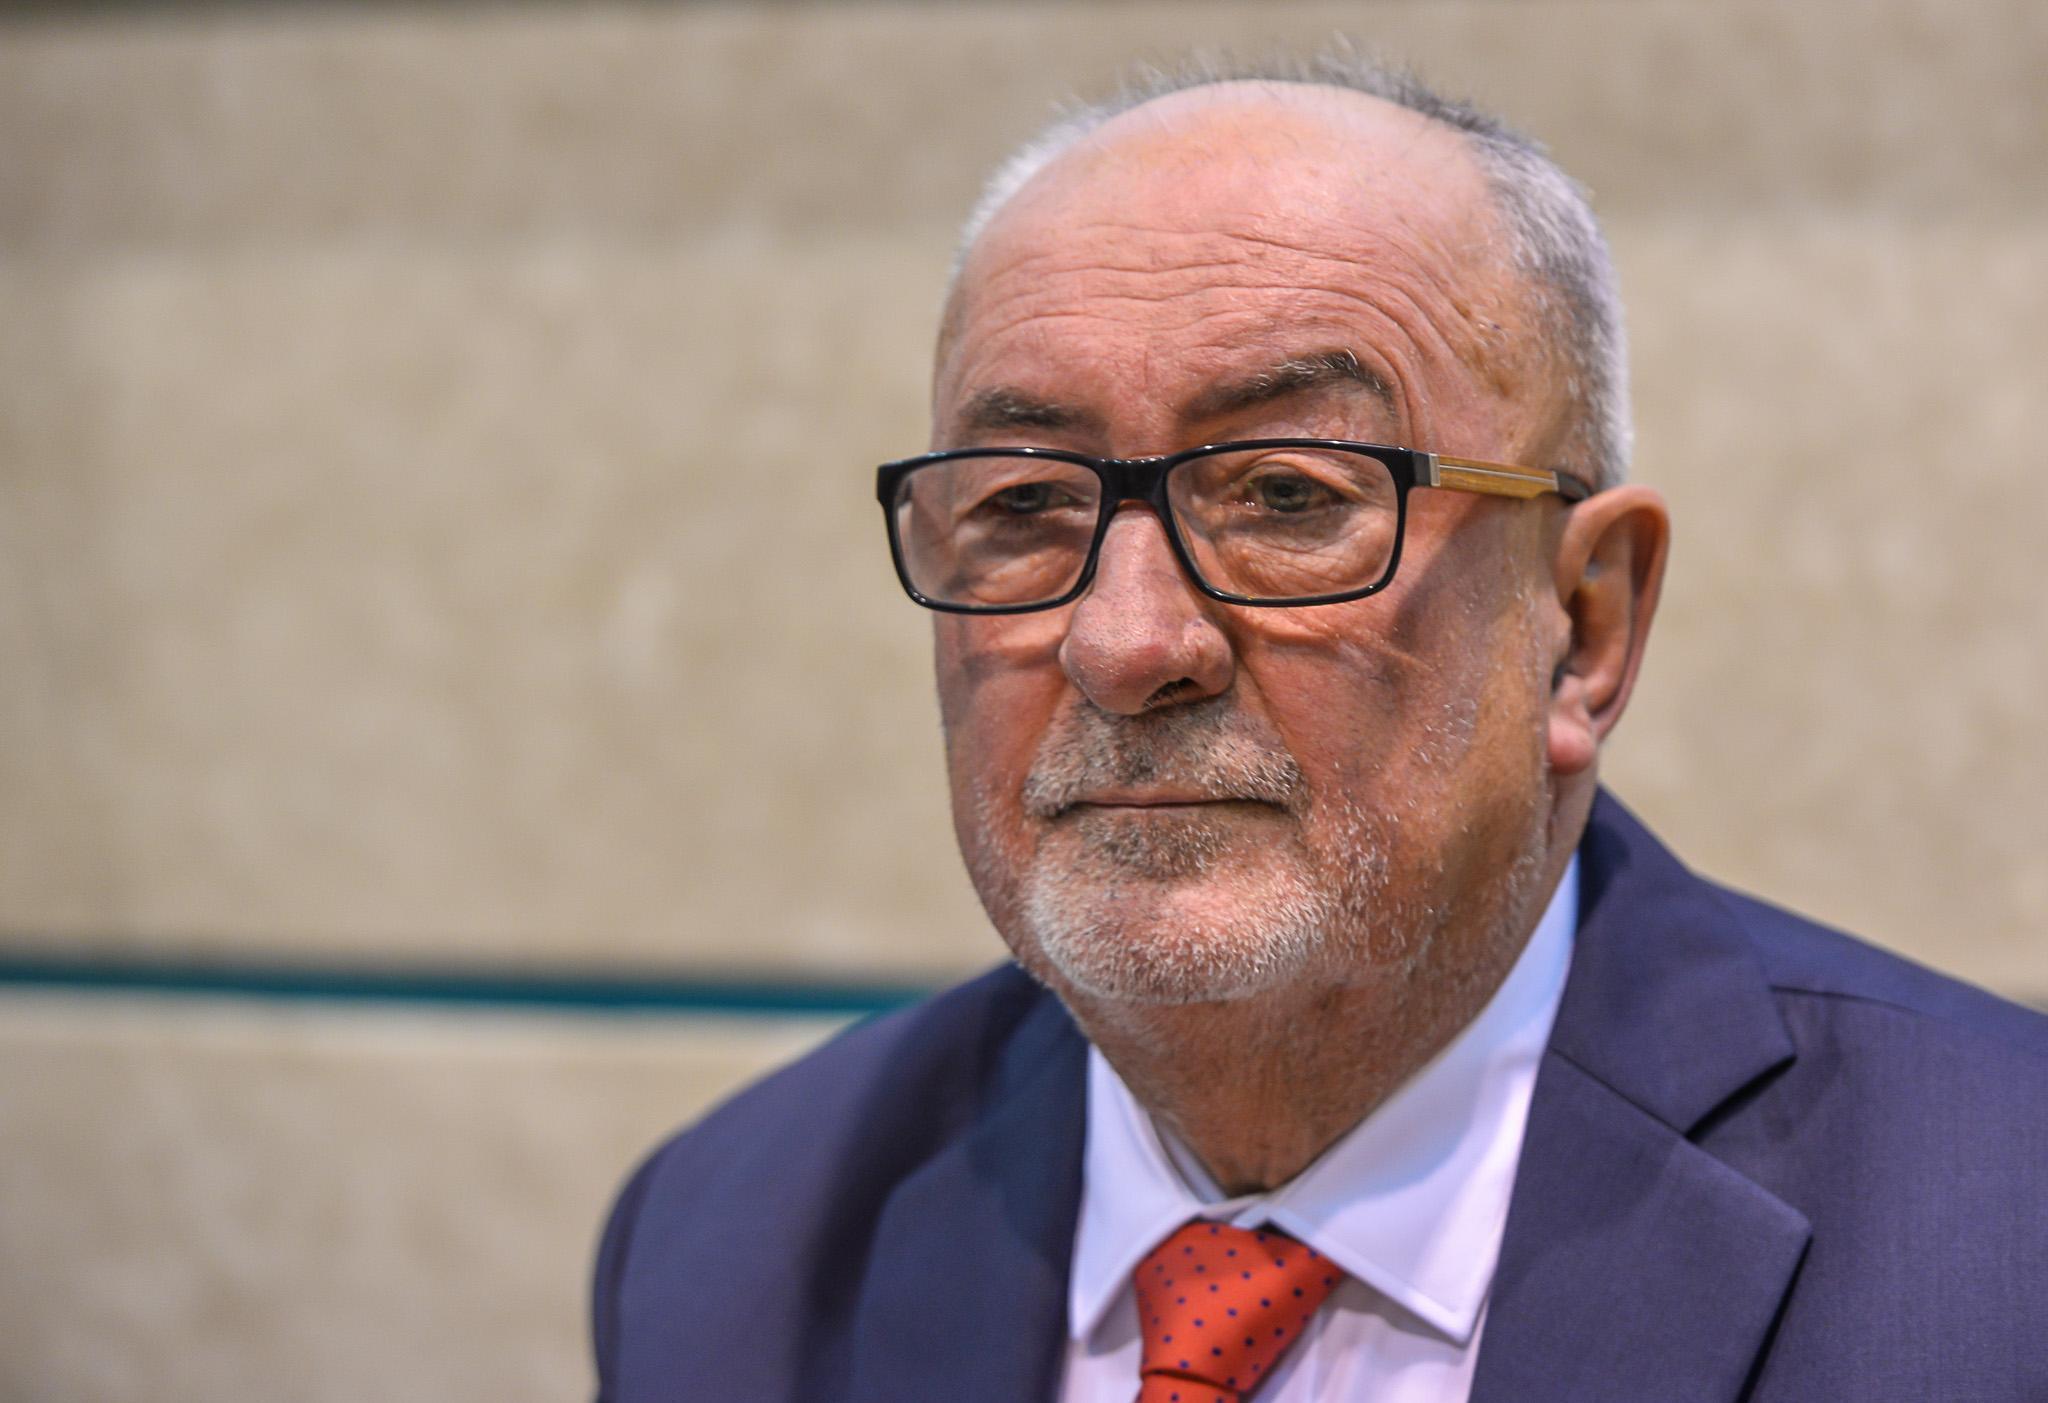 Borski Stanisław wiceprzewodniczący Rady Miasta Gdyni, fot. Przemysław Świderski